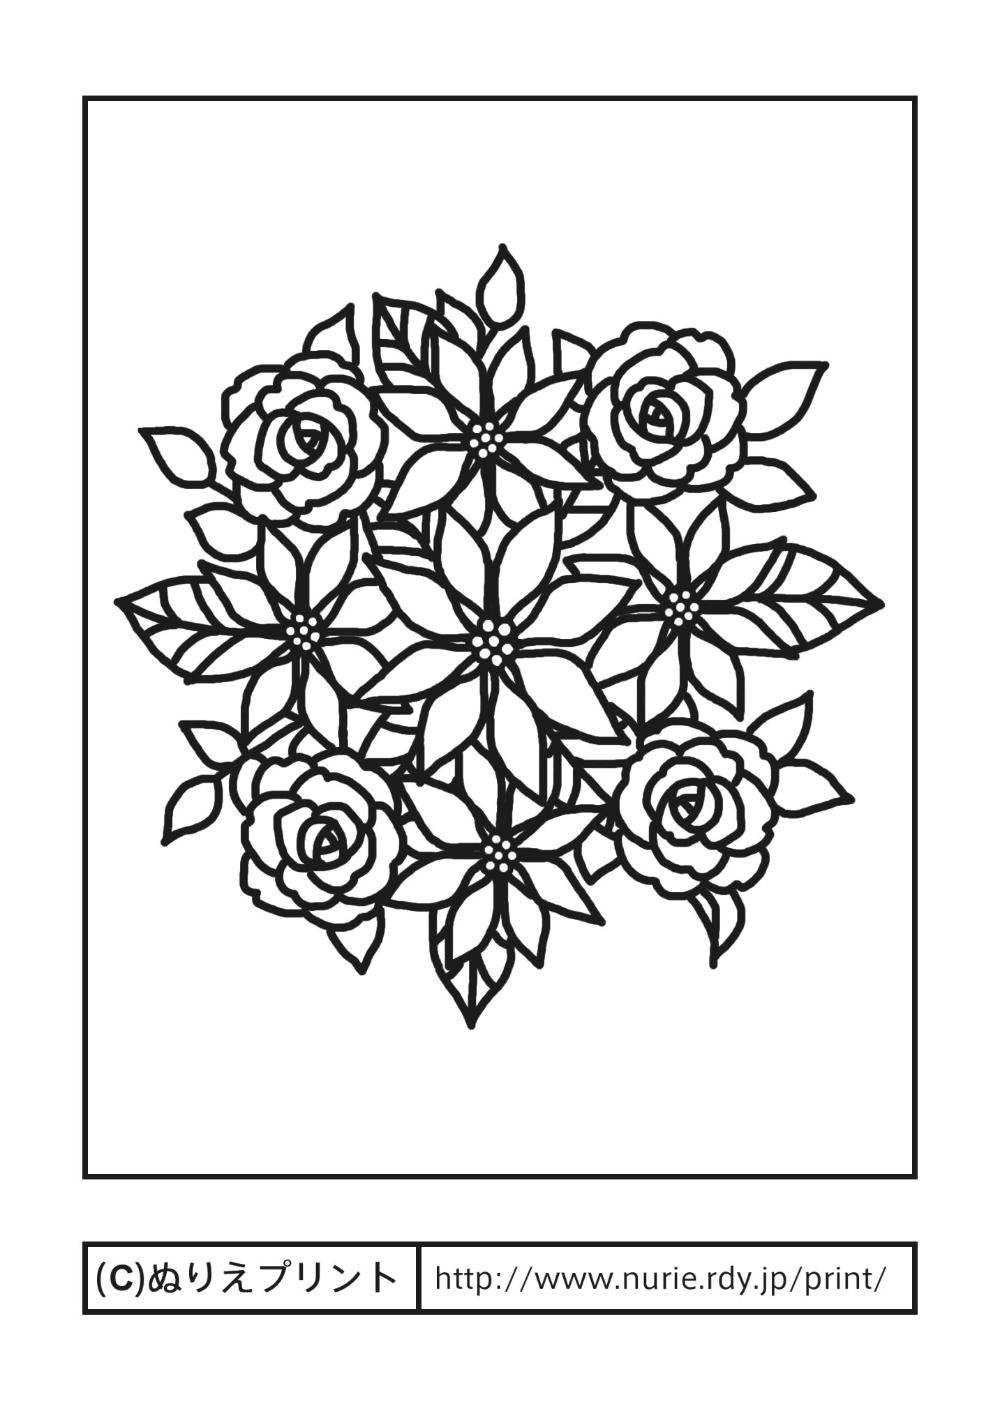 ポインセチアとバラ 主線 黒 冬 クリスマスの花 無料塗り絵イラスト ぬりえプリント 塗り絵 無料 花 塗り絵 無料 塗り絵